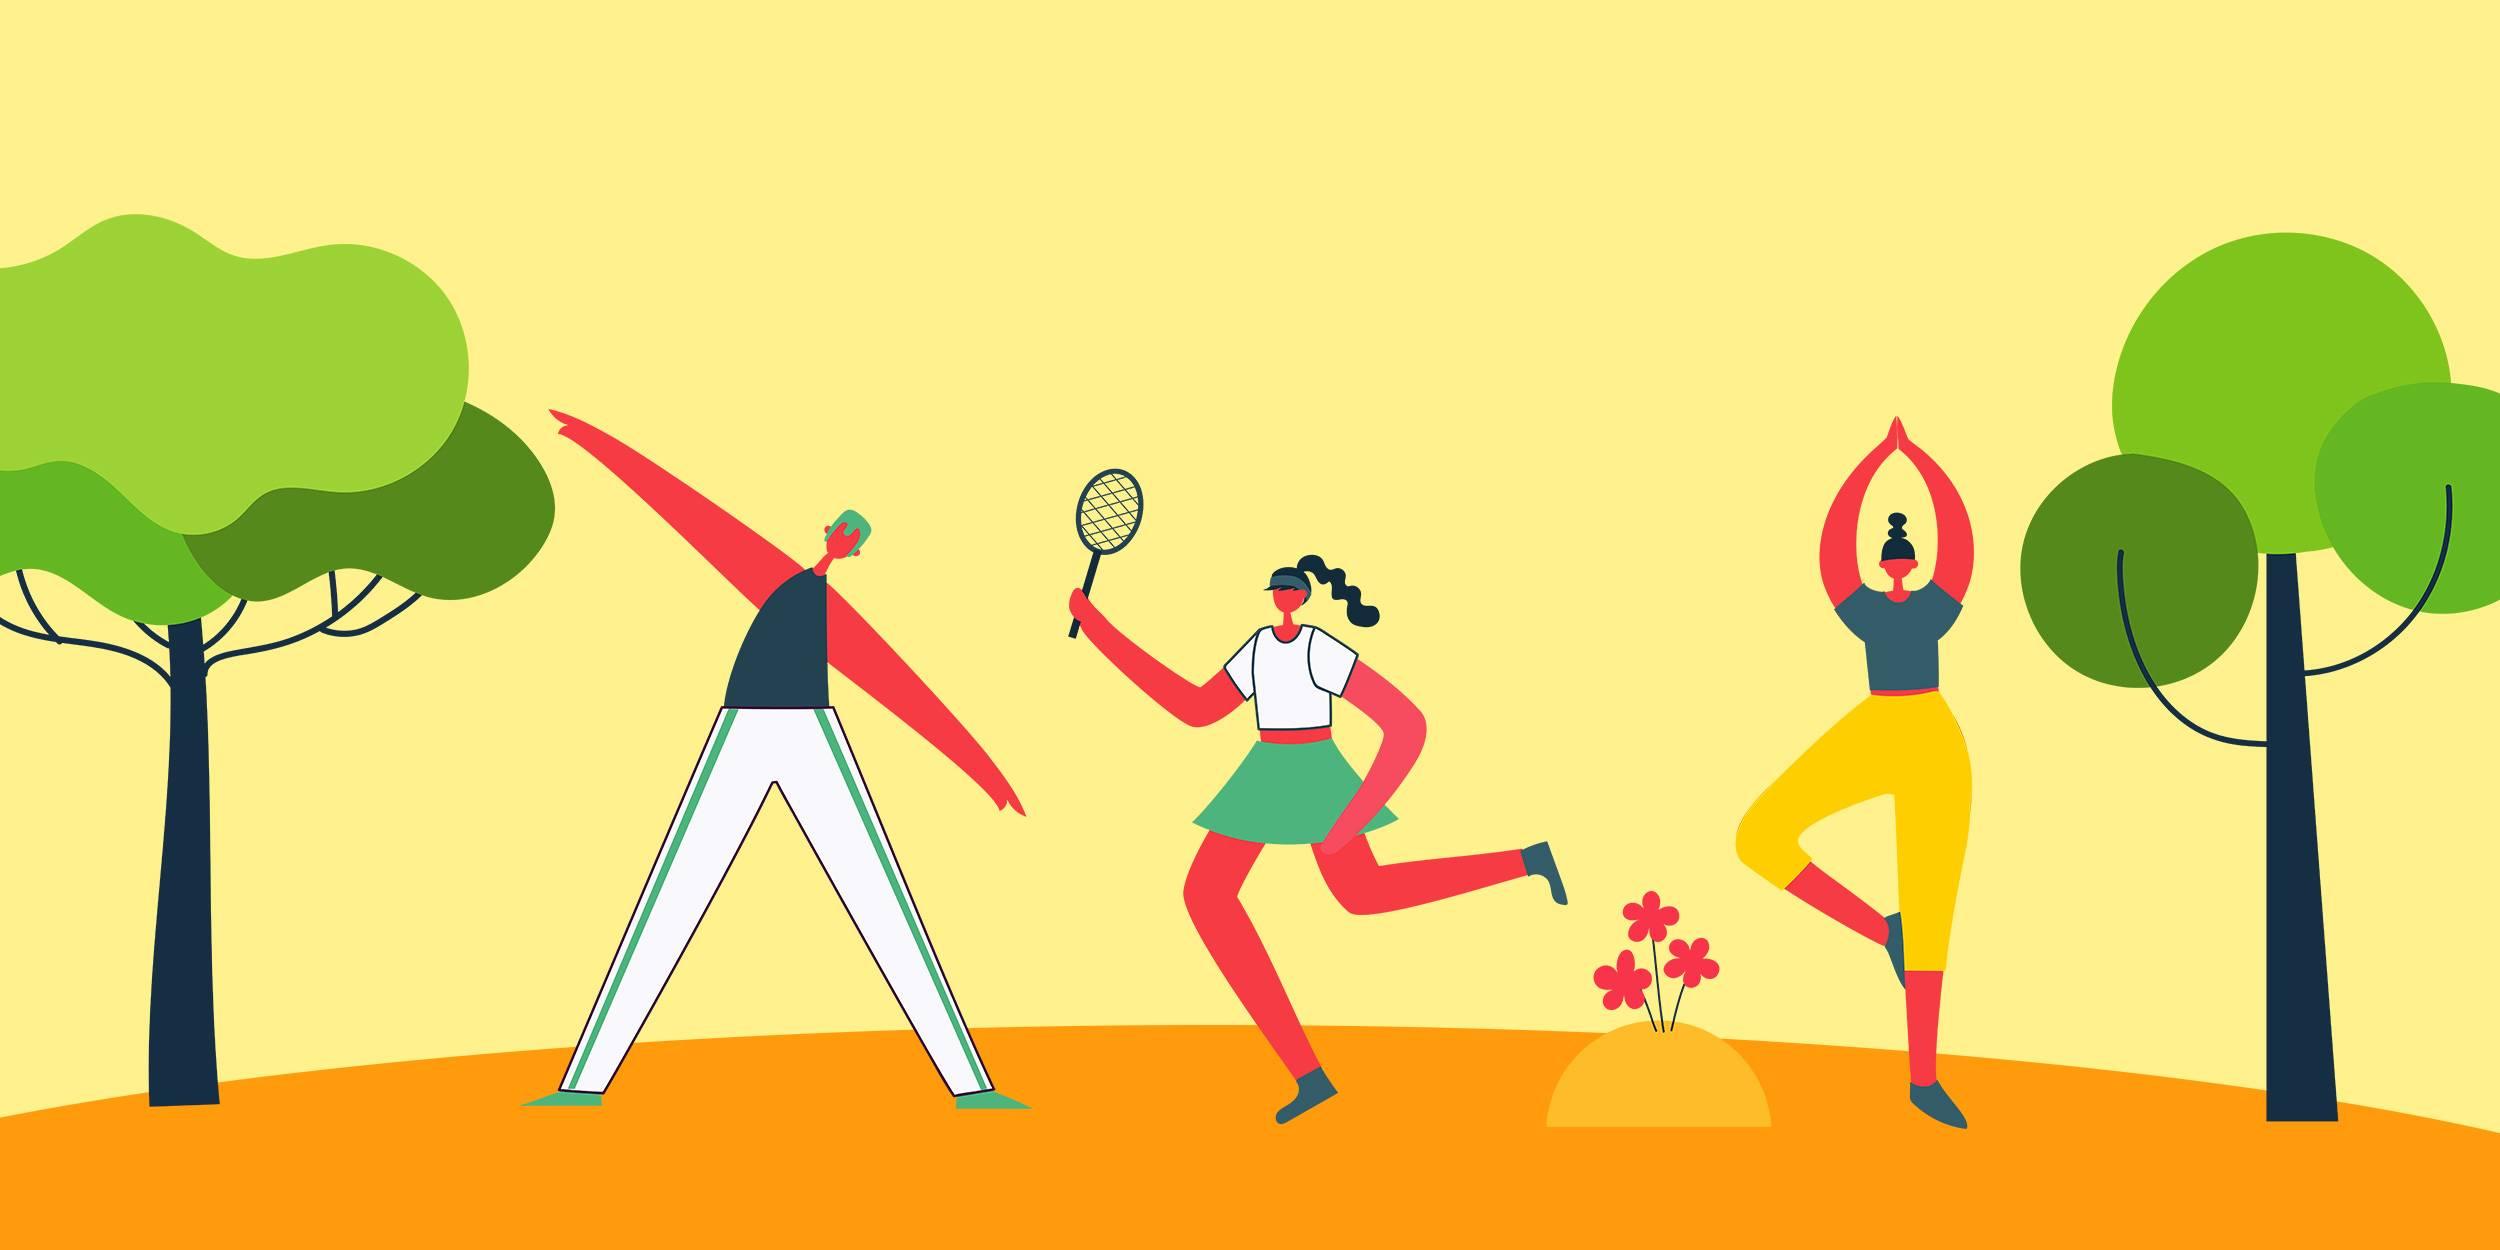 Психология: приобретение полезных привычек - бесплатные статьи по психологии в доме солнца